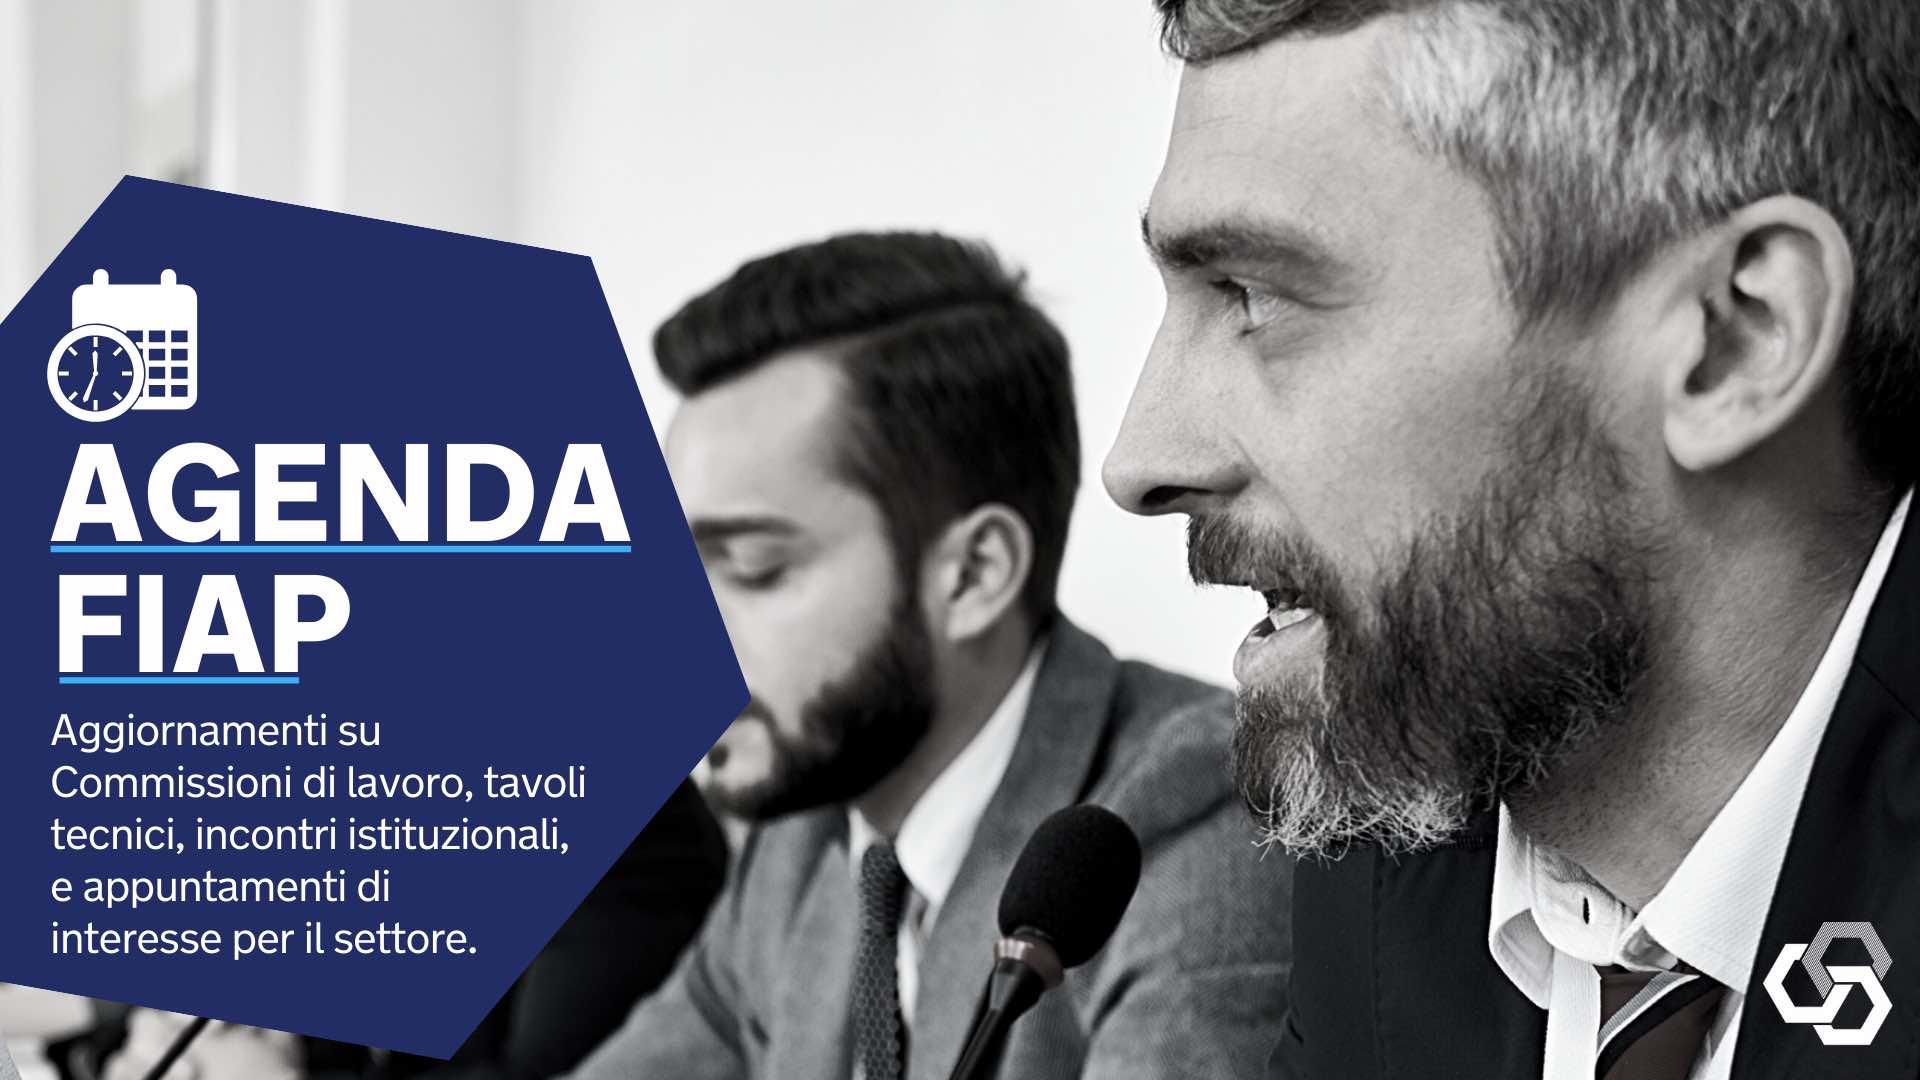 FIAP AGENDA APPUNTAMENTI ISTITUZIONALI v2